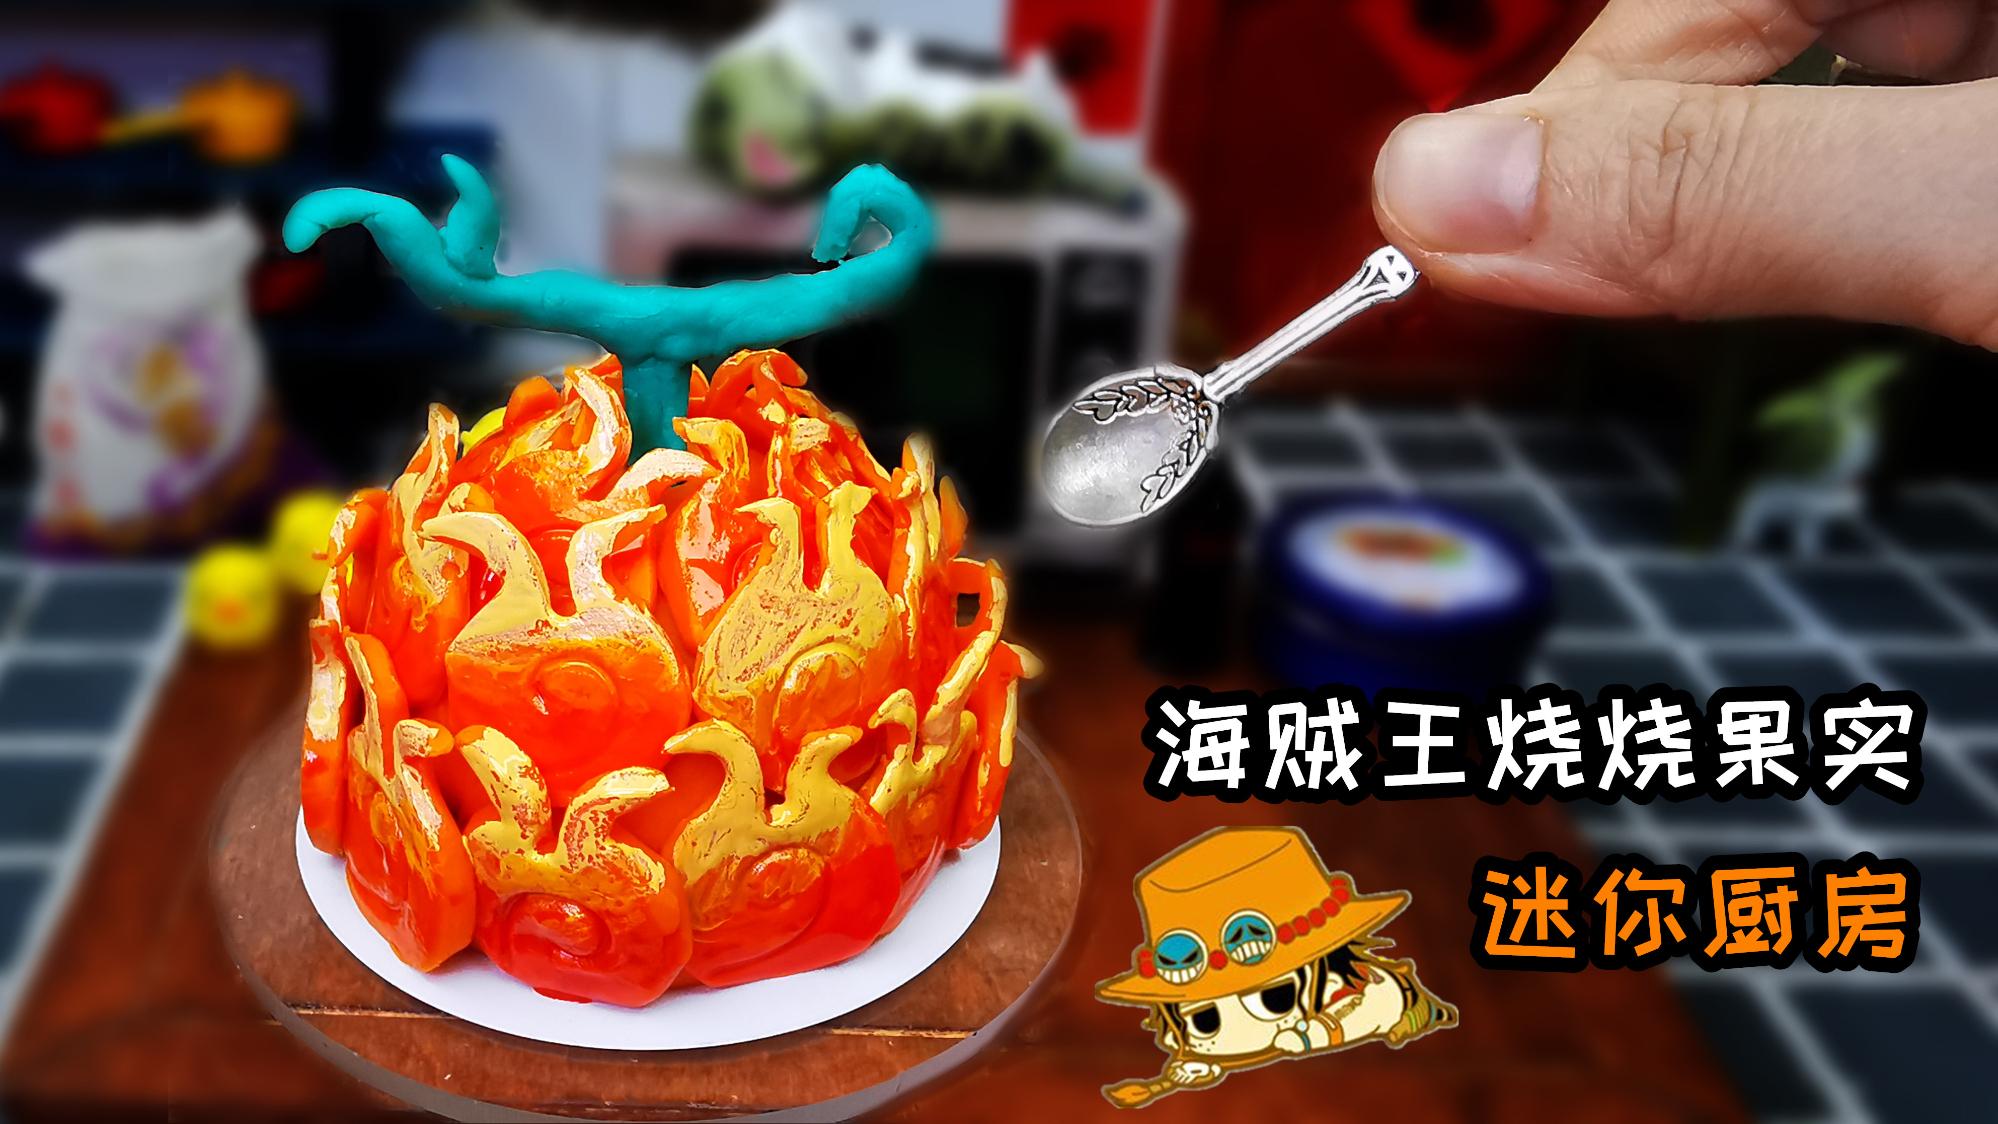 迷你厨房,教你用1元成本。做一个海贼王艾斯的恶魔果实蛋糕